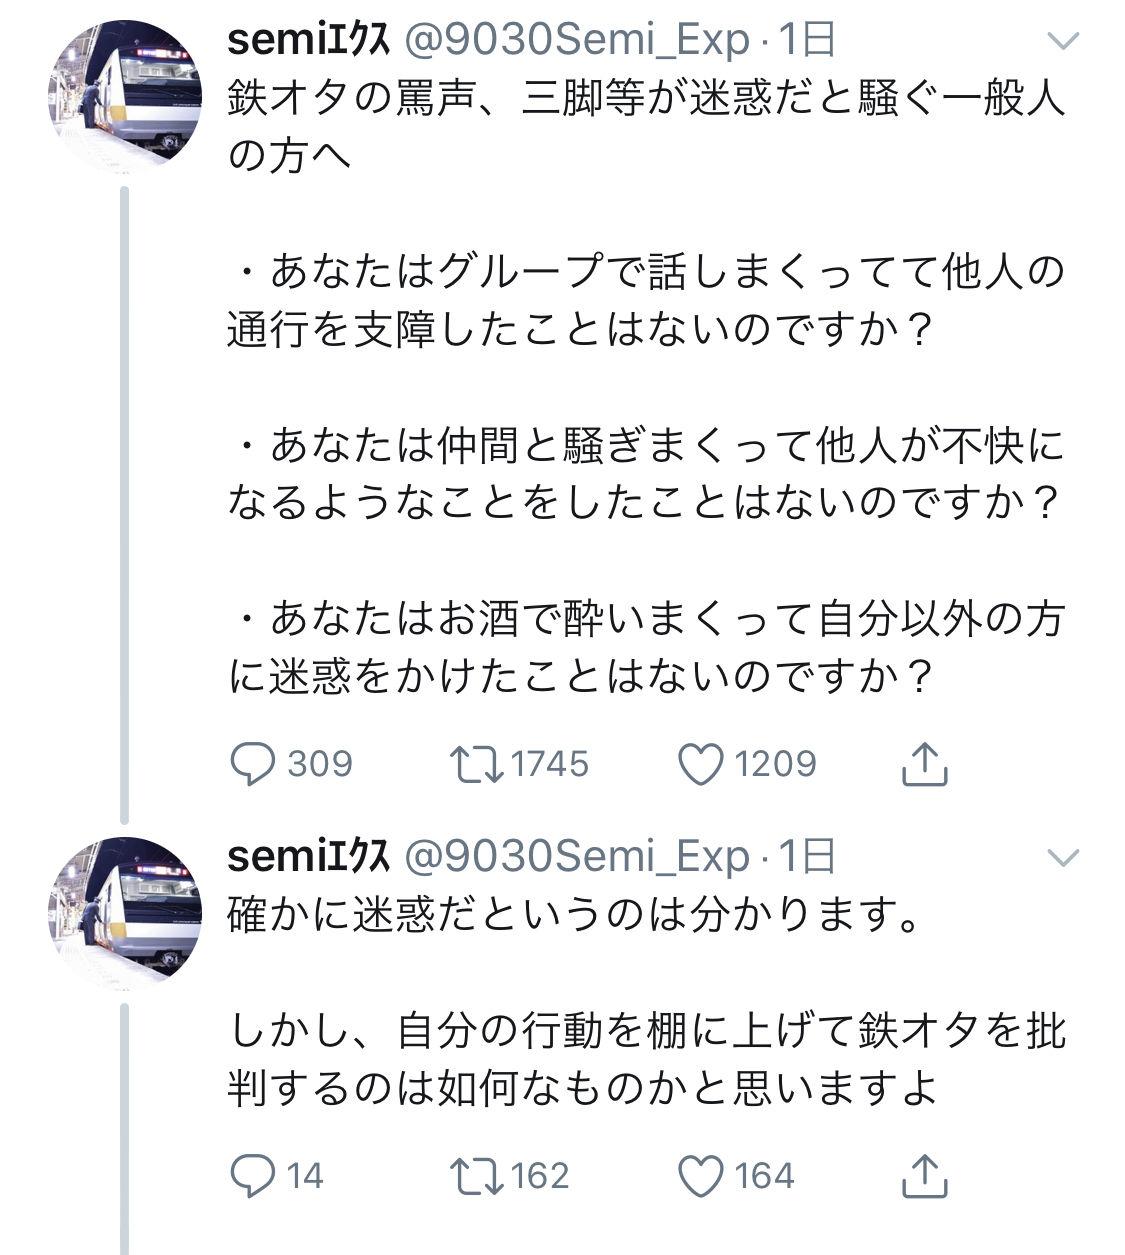 J なん 鉄 オタ